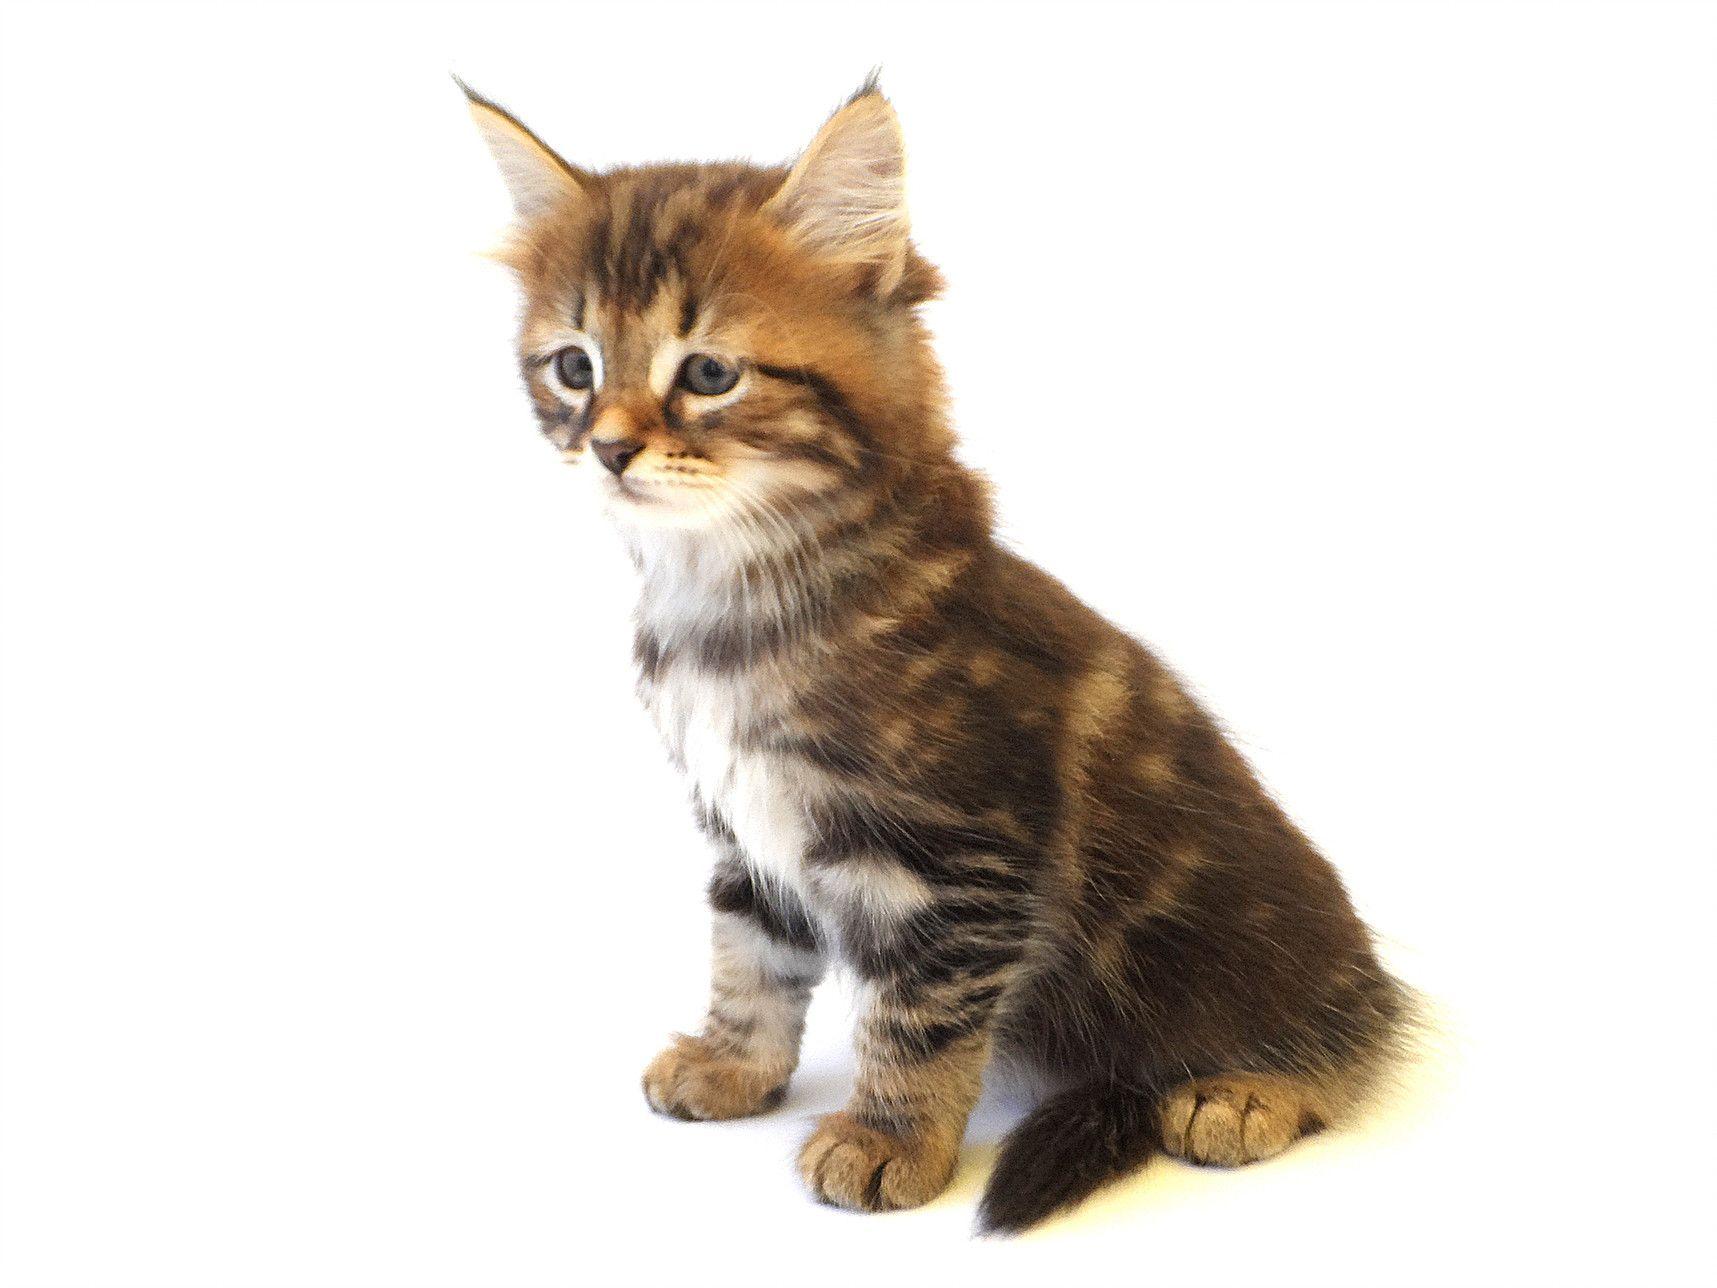 Hypoallergenic Cats Siberian Cat Breeders Kittens Litter C Siberian Cat Breeders Hypoallergenic Cats Siberian Cats For Sale